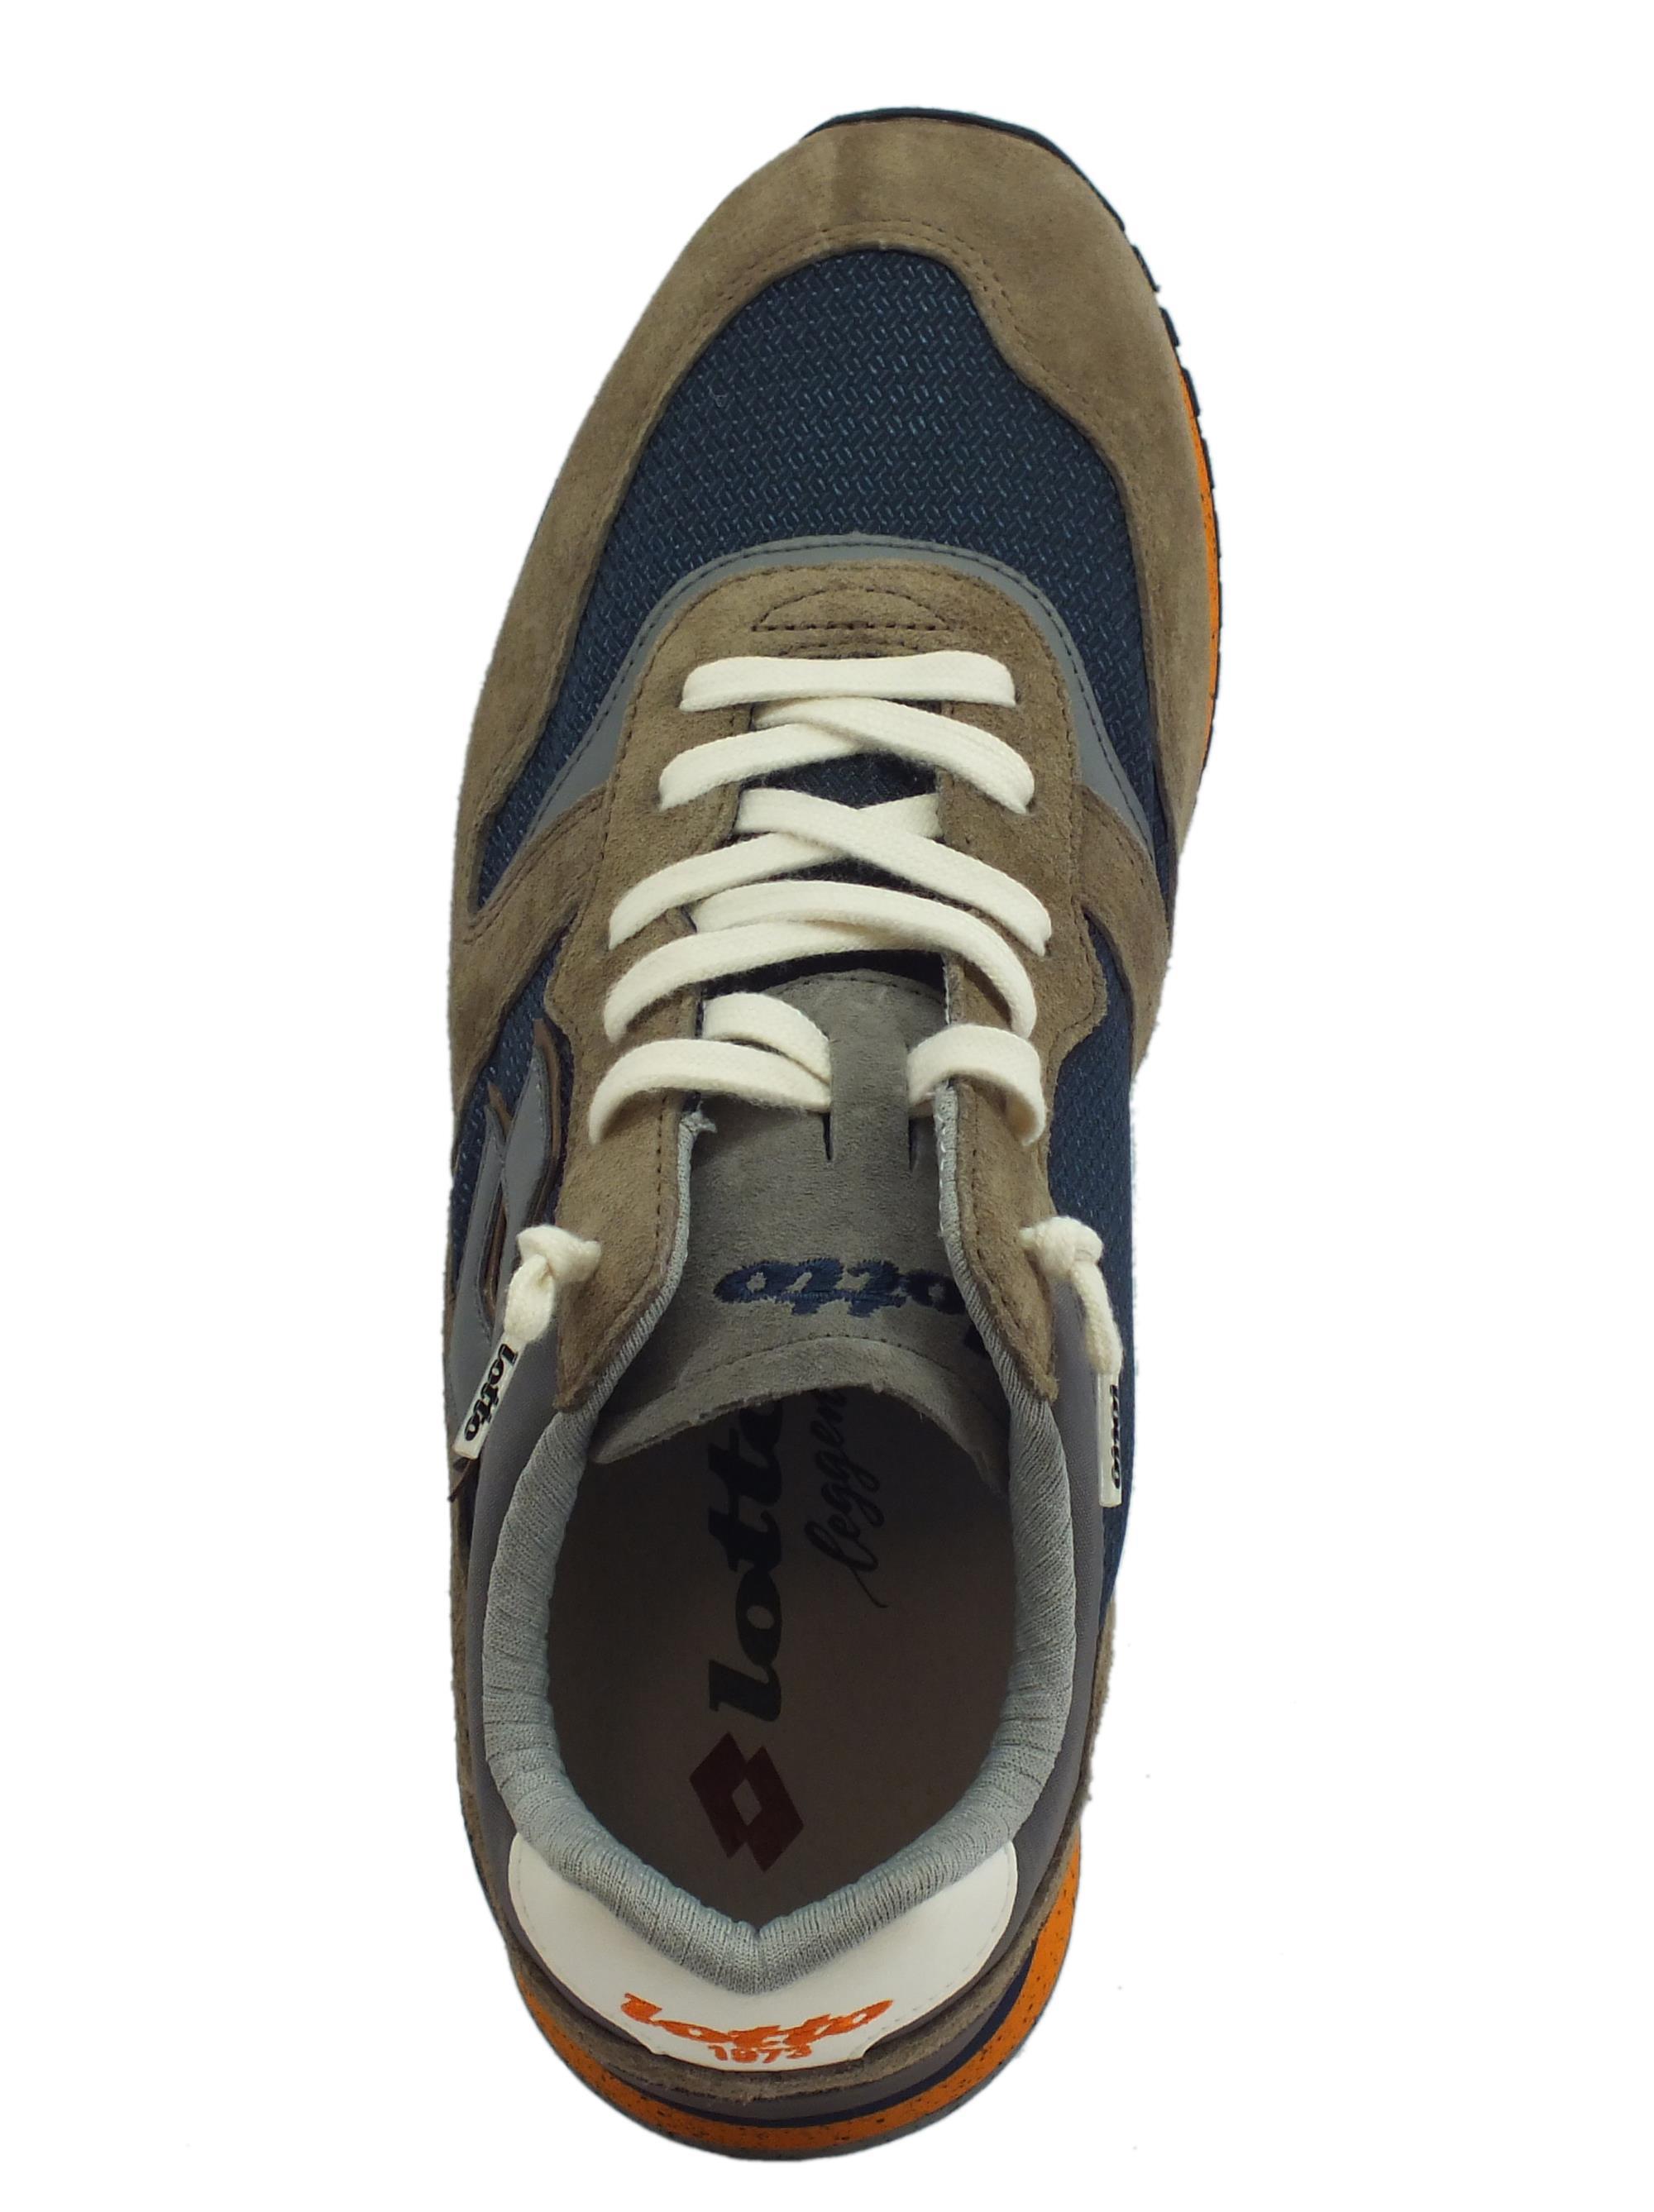 ... Scarpe Lotto Leggenda per uomo Tokyo Ginza in camoscio marrone e  tessuto blu bd9e70563d8